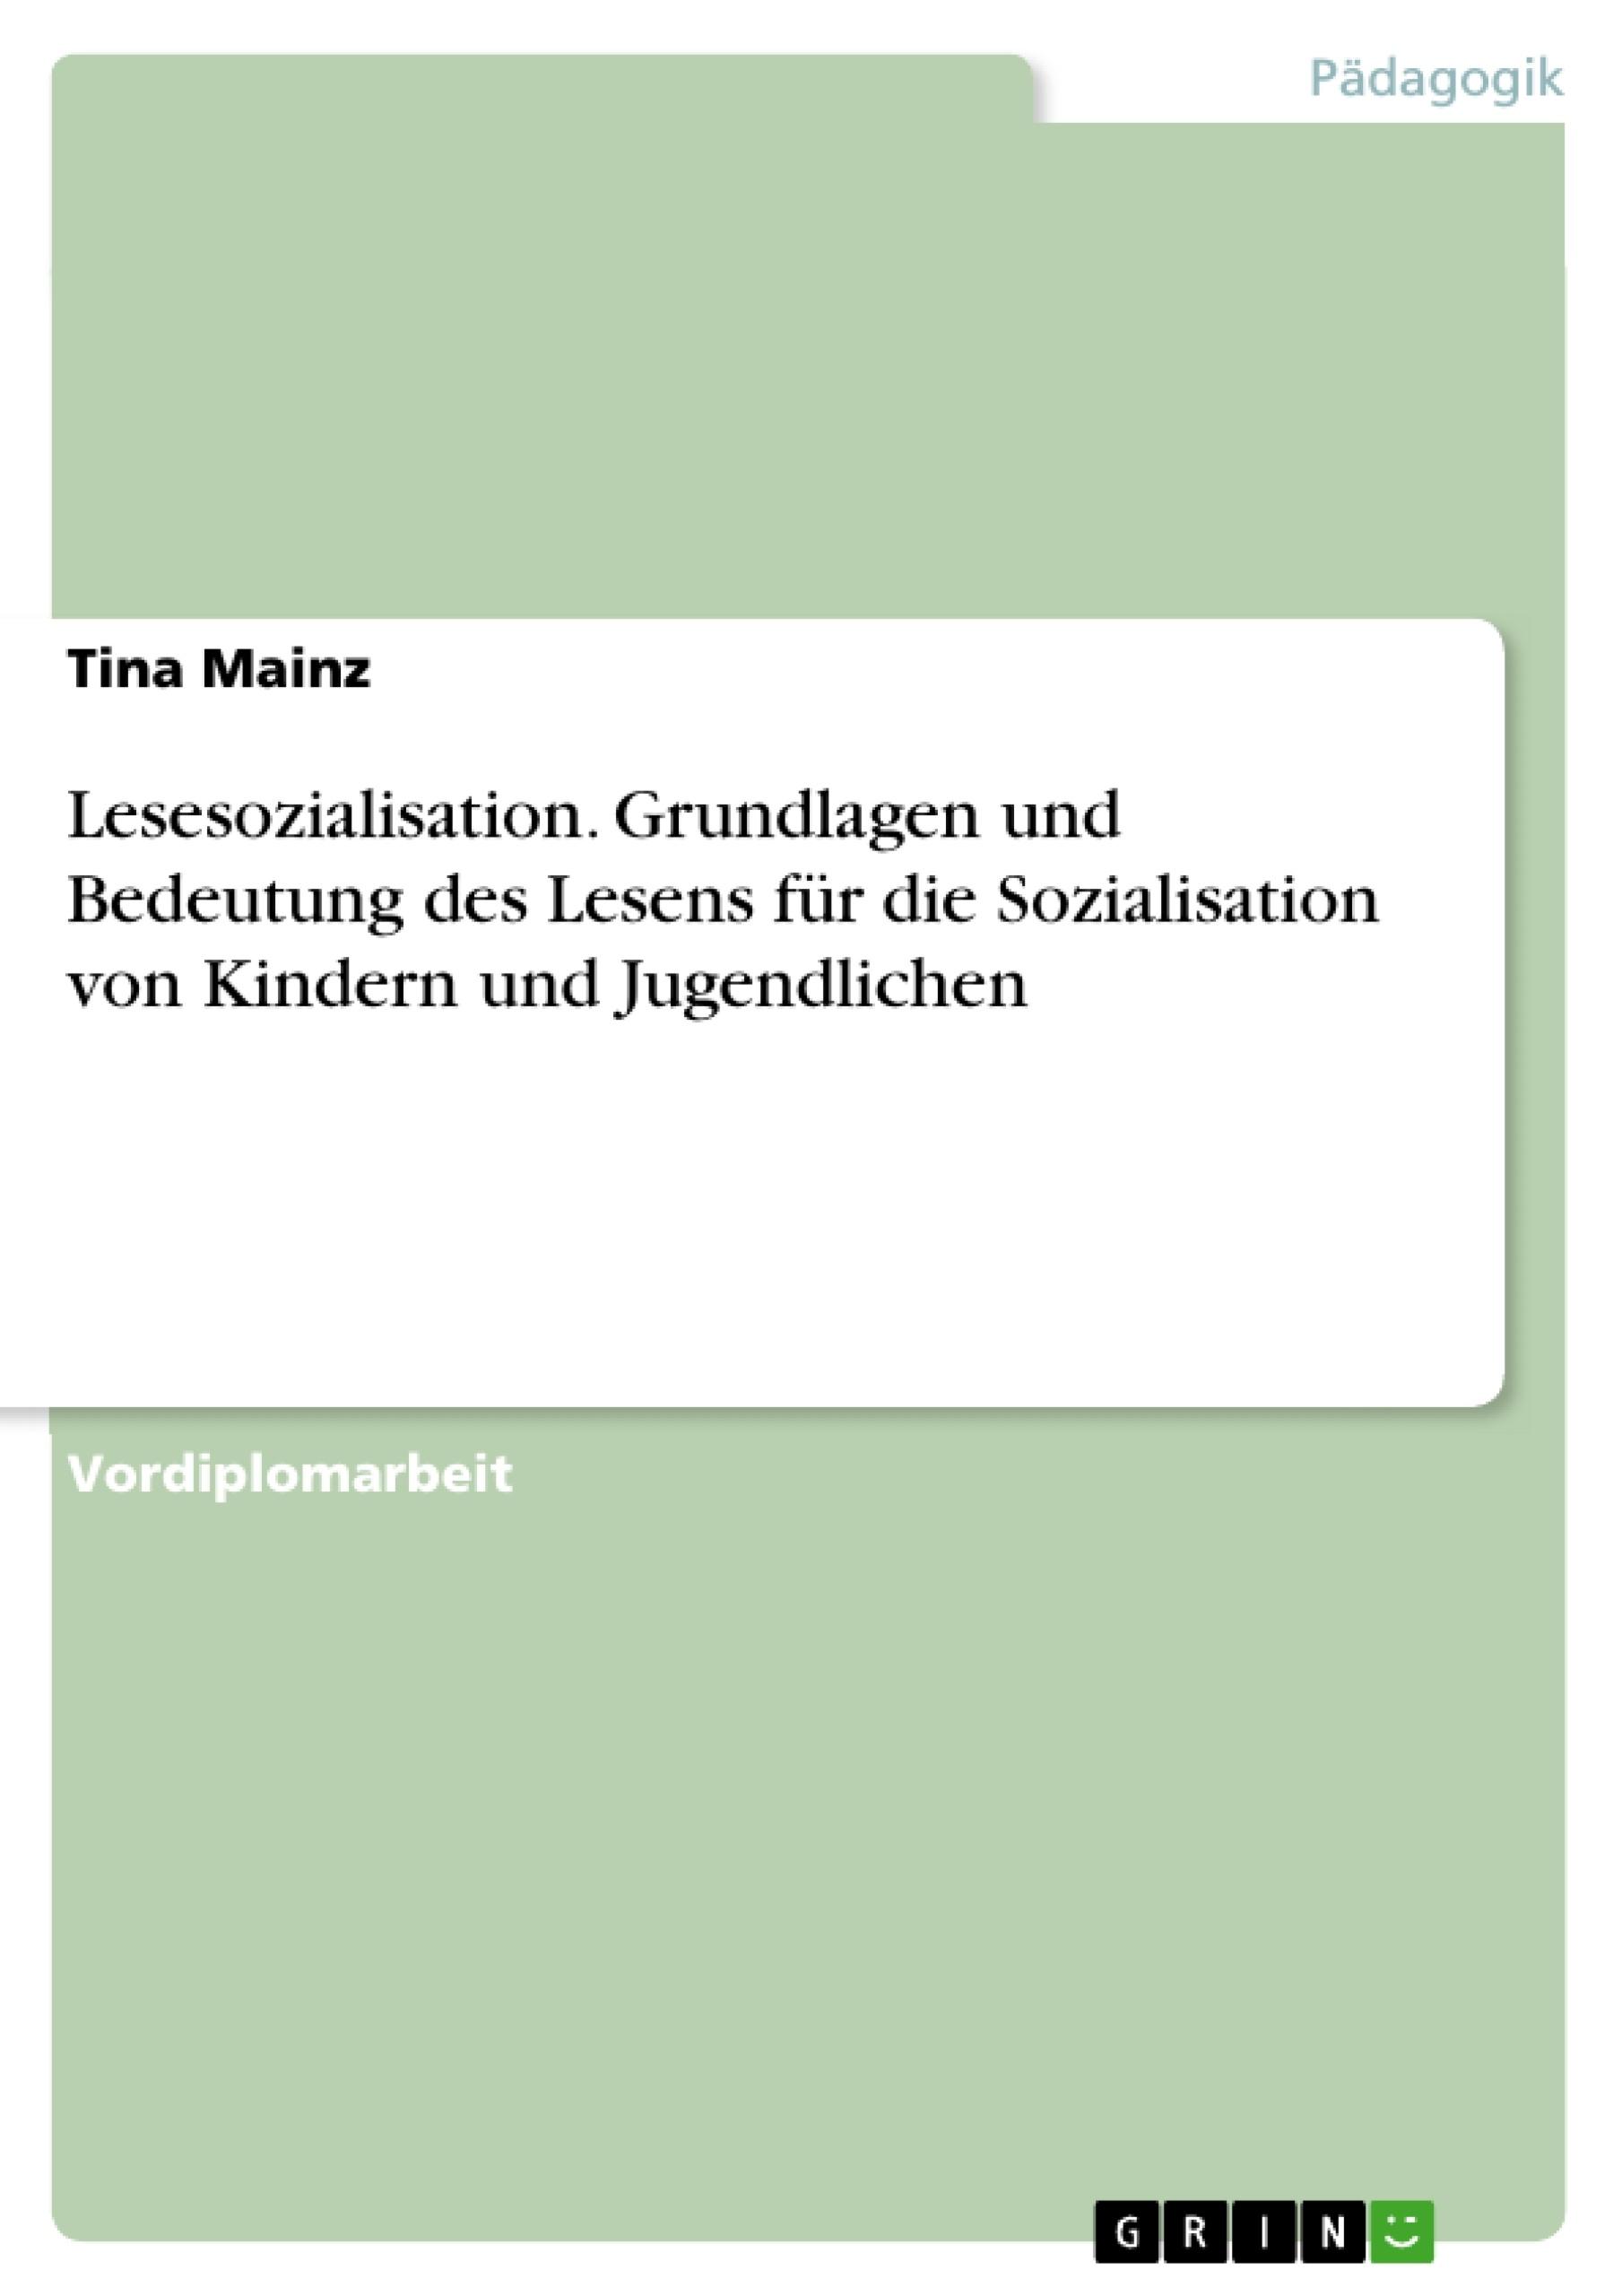 Titel: Lesesozialisation. Grundlagen und Bedeutung des Lesens für die Sozialisation von Kindern und Jugendlichen